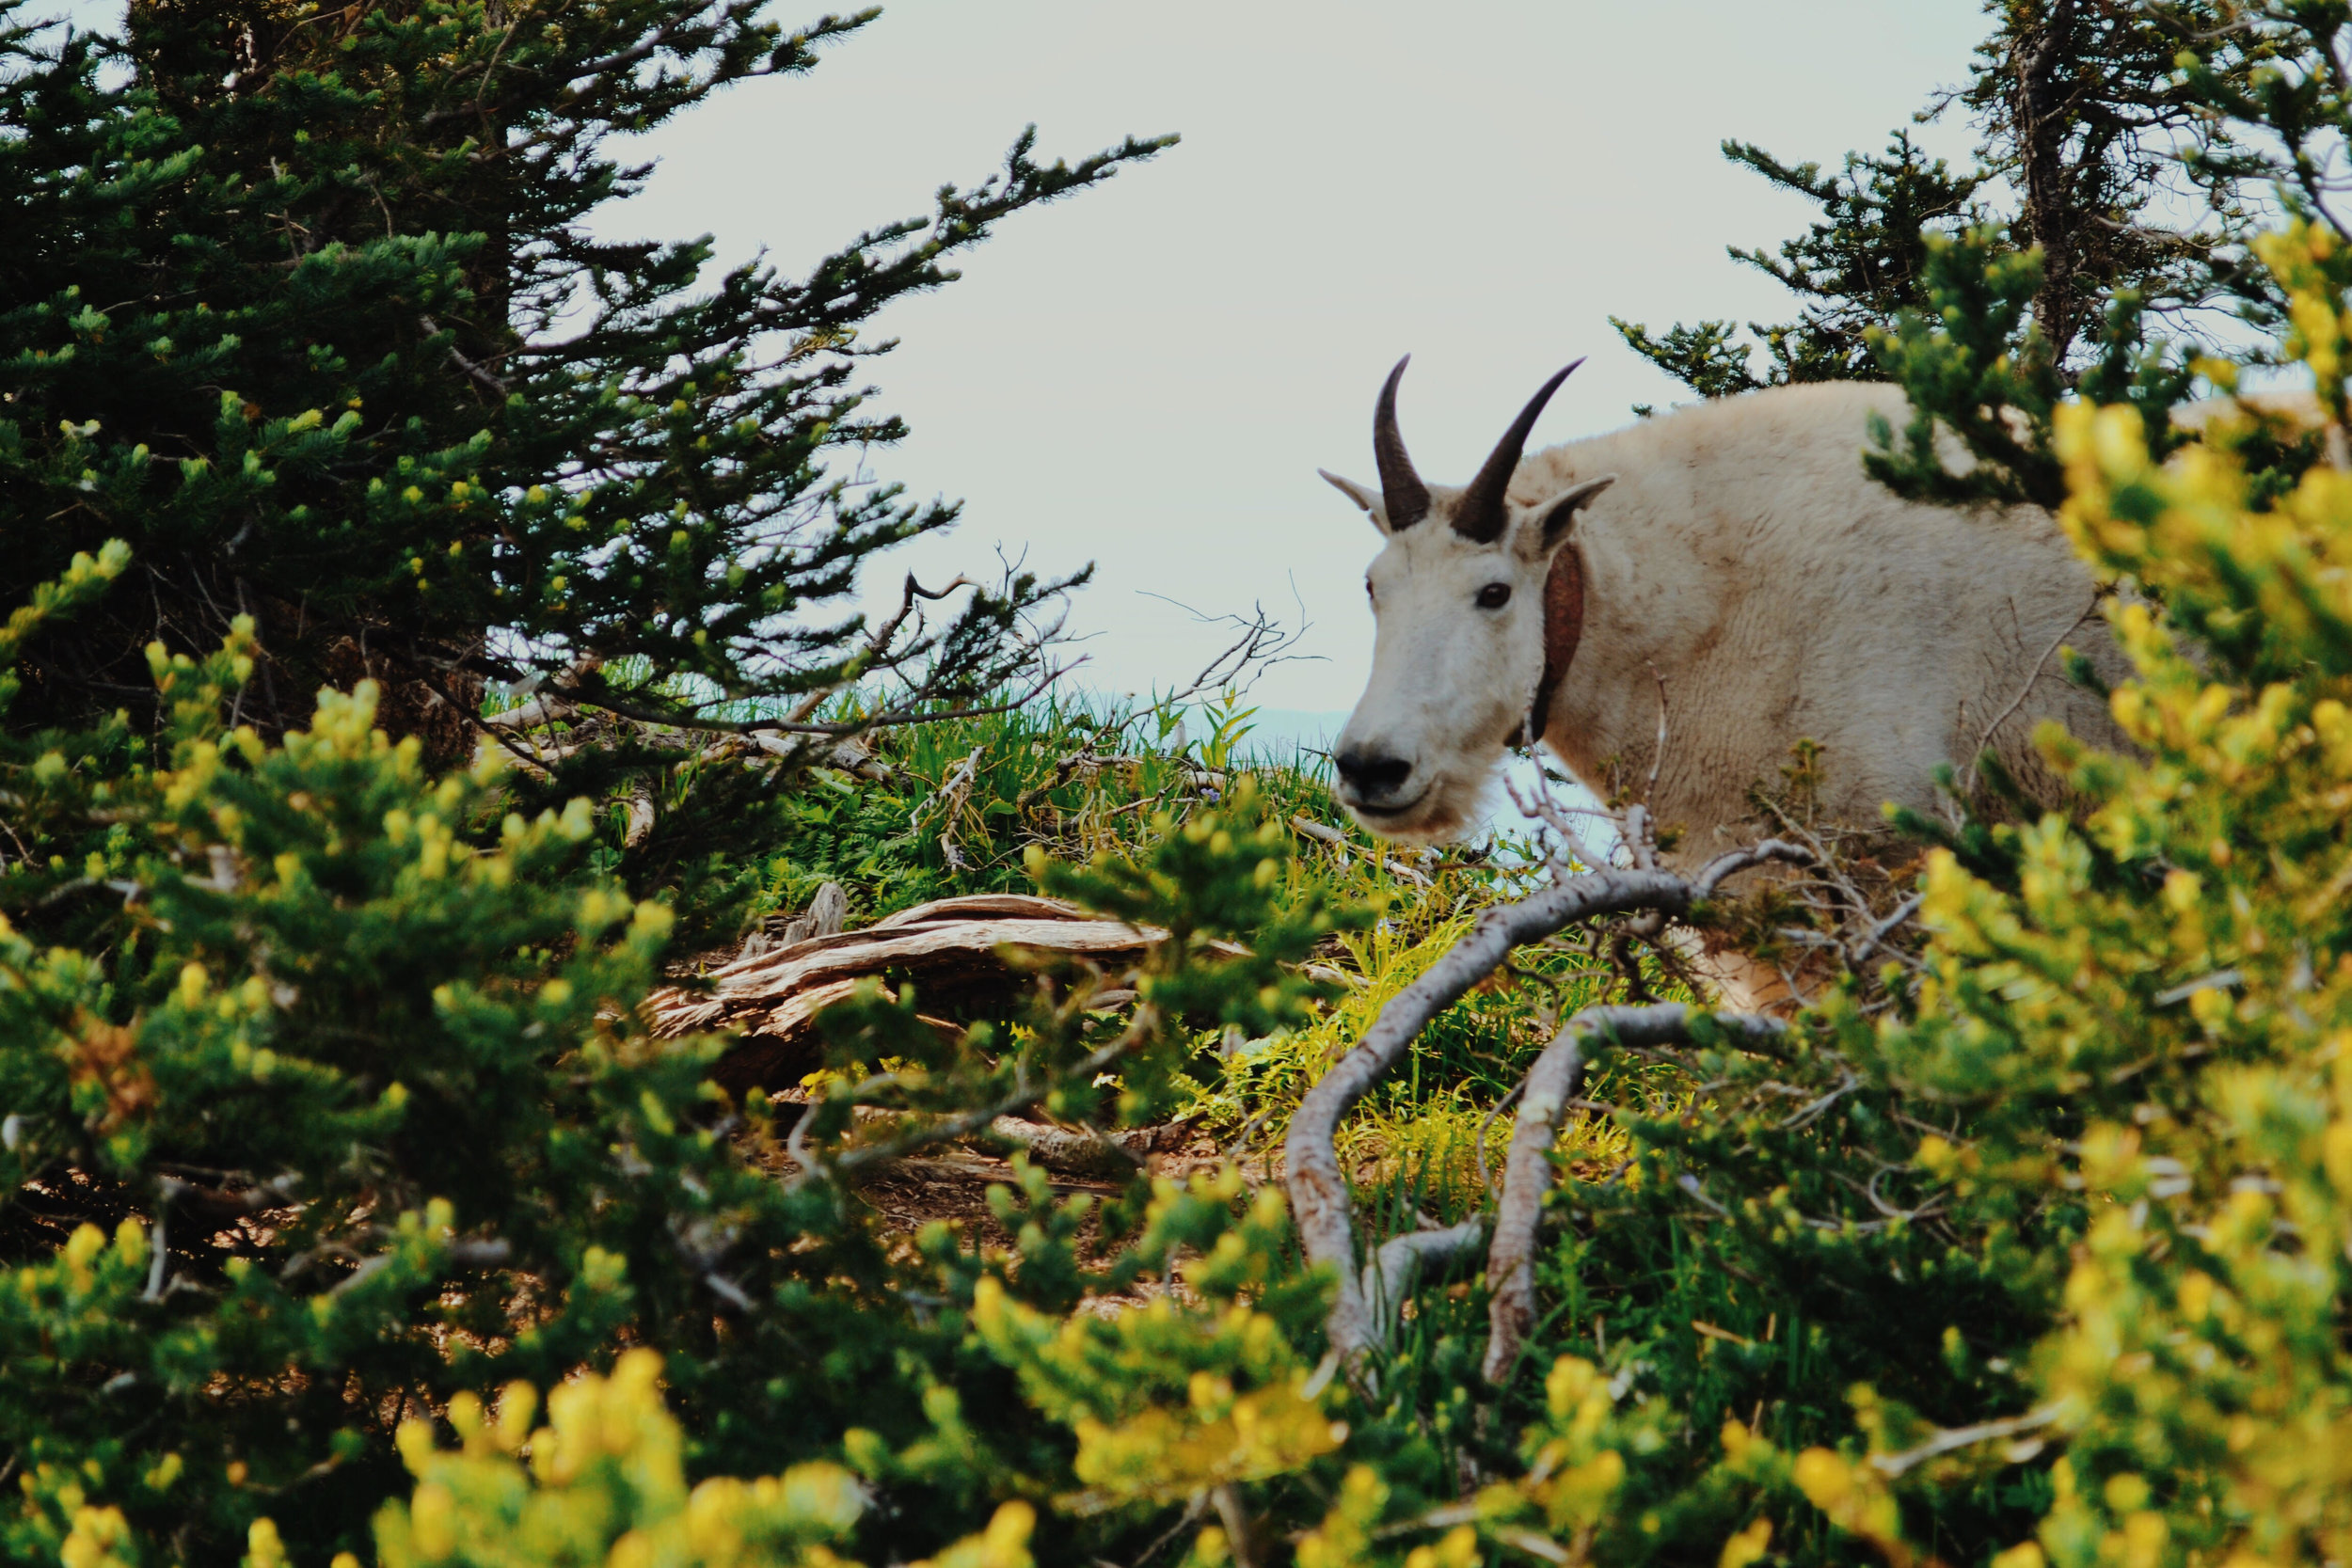 unnamed+goat.jpg